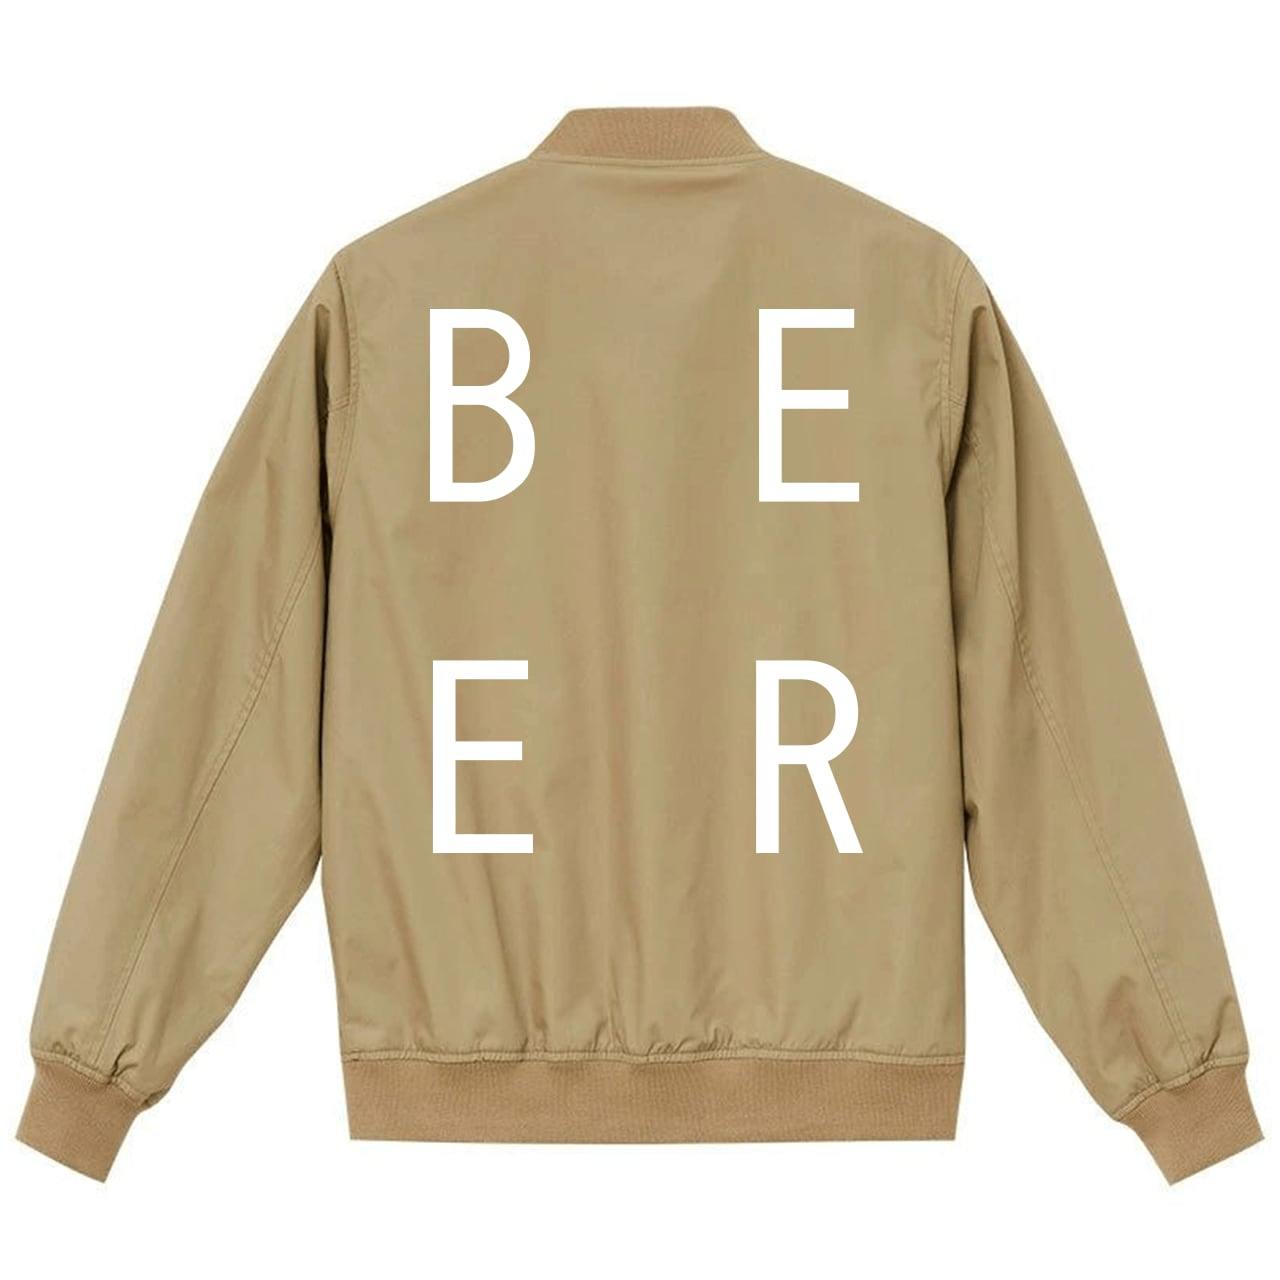 BEER スタジアムジャケット